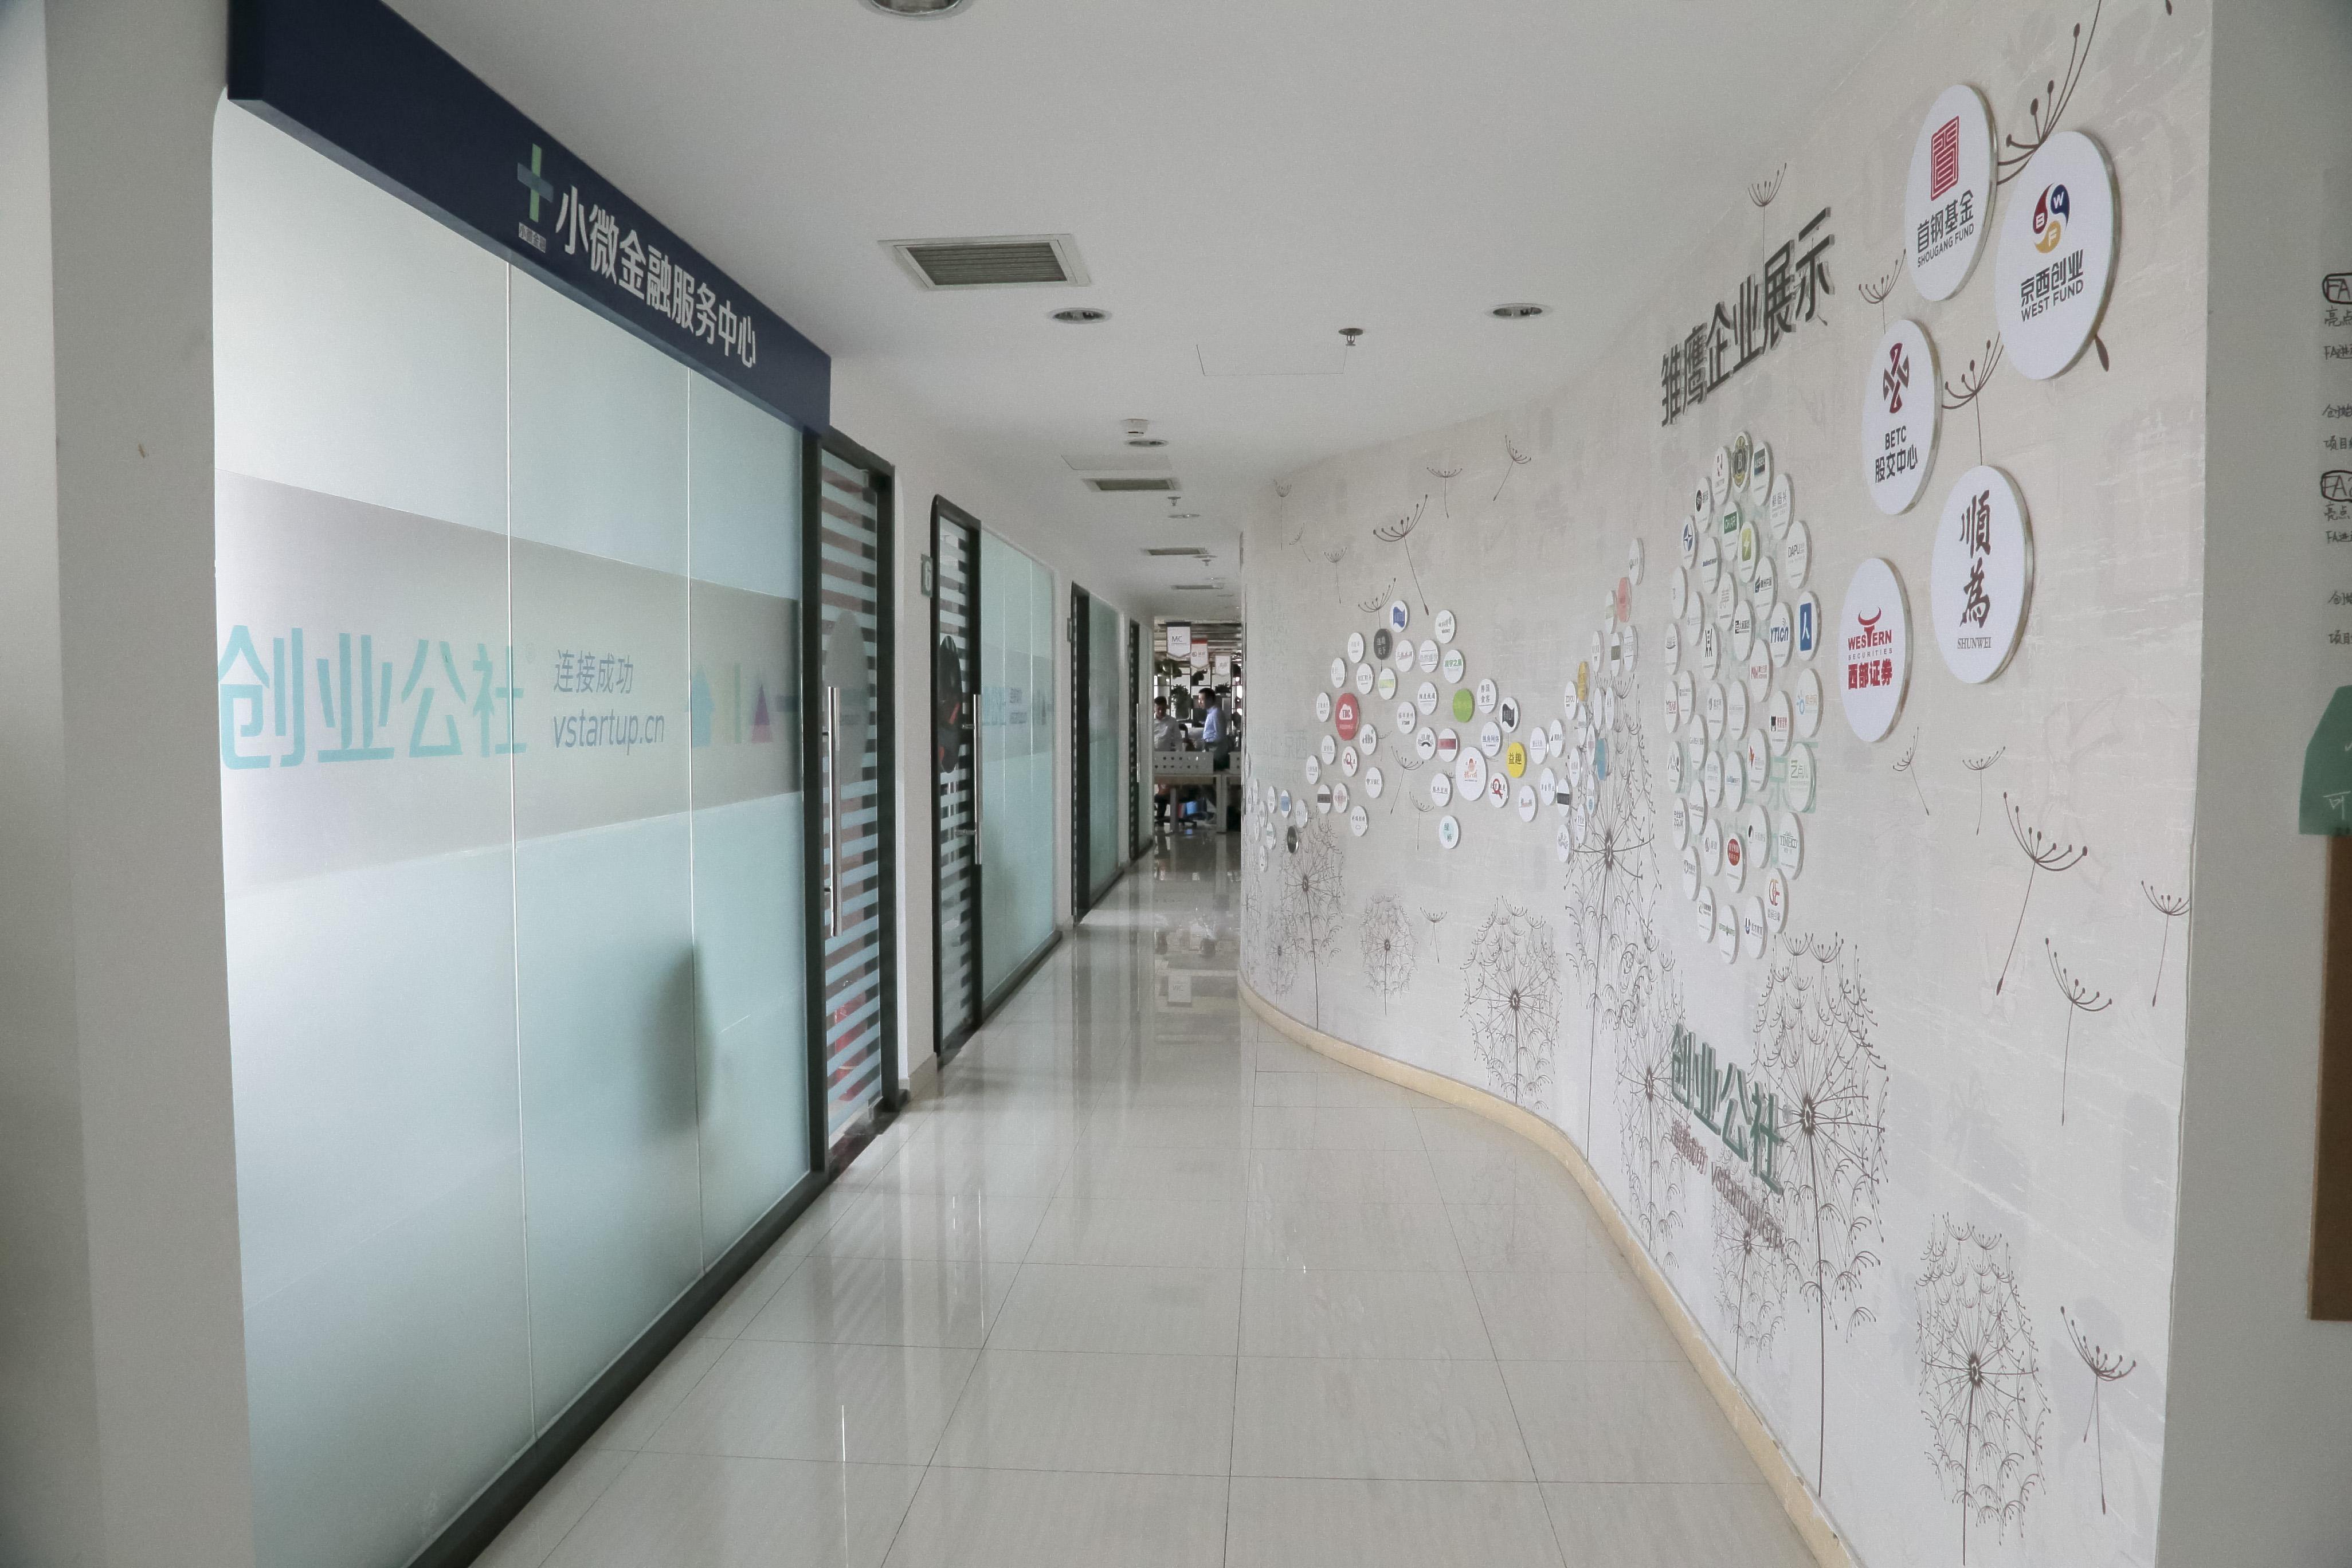 【創講堂紀錄】穿越霧霾透看北京創業發展新趨勢!